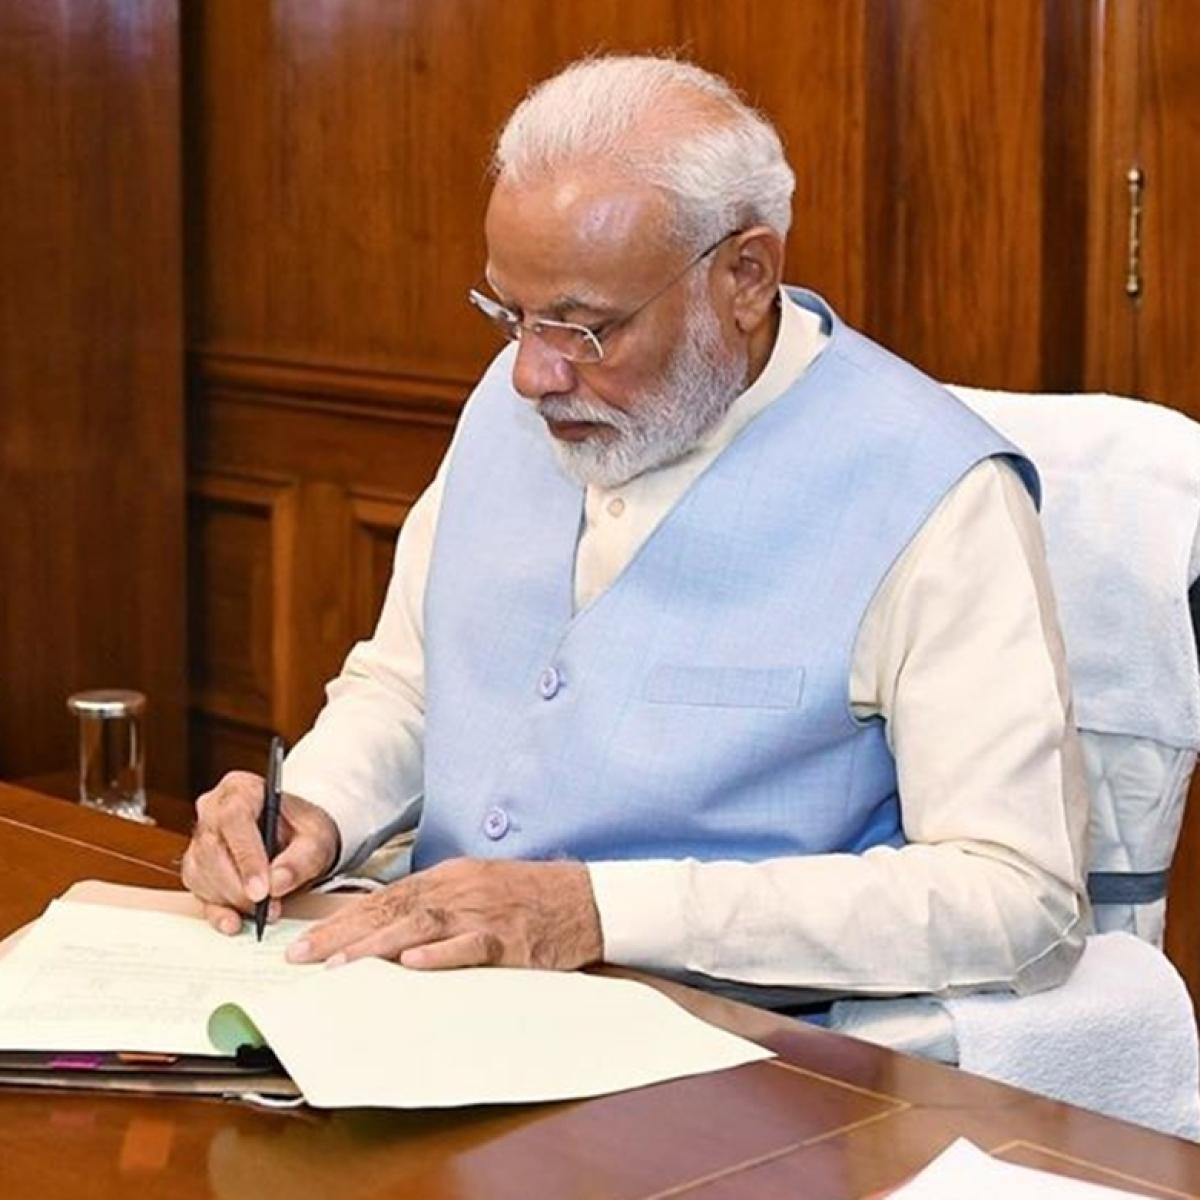 PM Modi pens emotional letter to Moshe - youngest 26/11 survivor